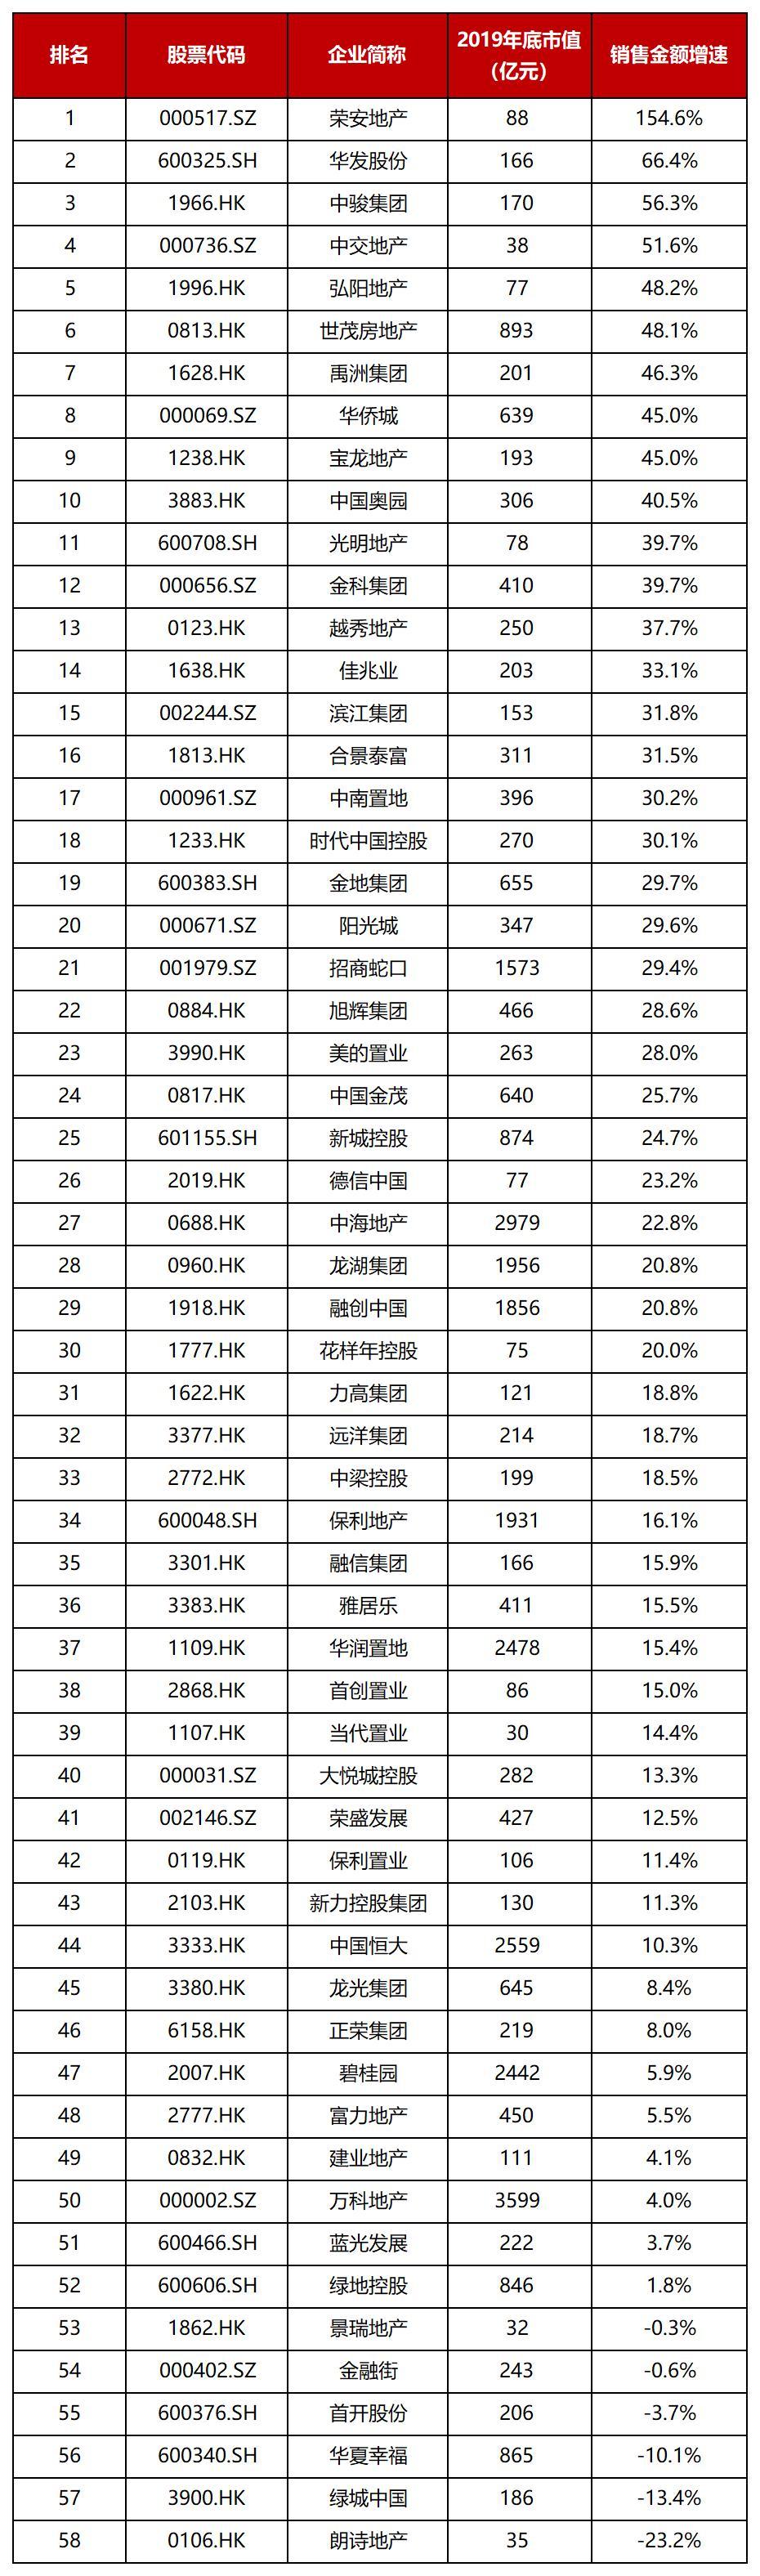 数据来源:克而瑞、公司公告,数据不可得者以及截至目前未发布2019年财报者除外  计算公式:(2019年销售额-2018年销售额)/2018年销售额